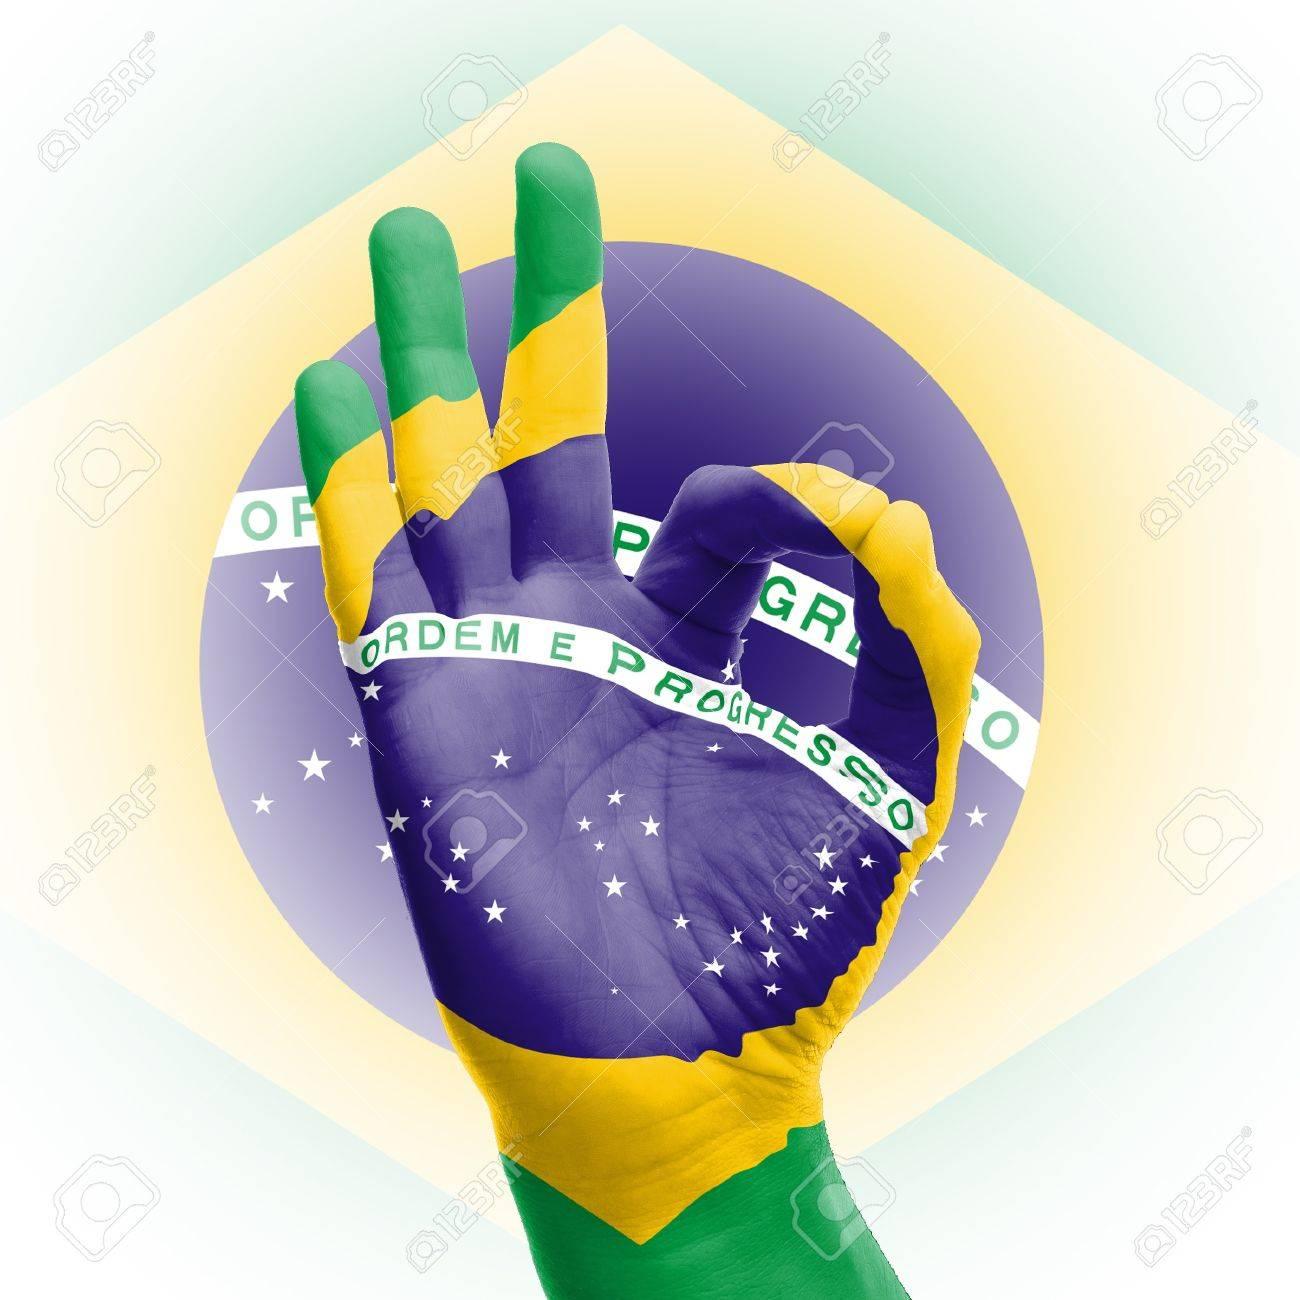 Ok sign in brazil